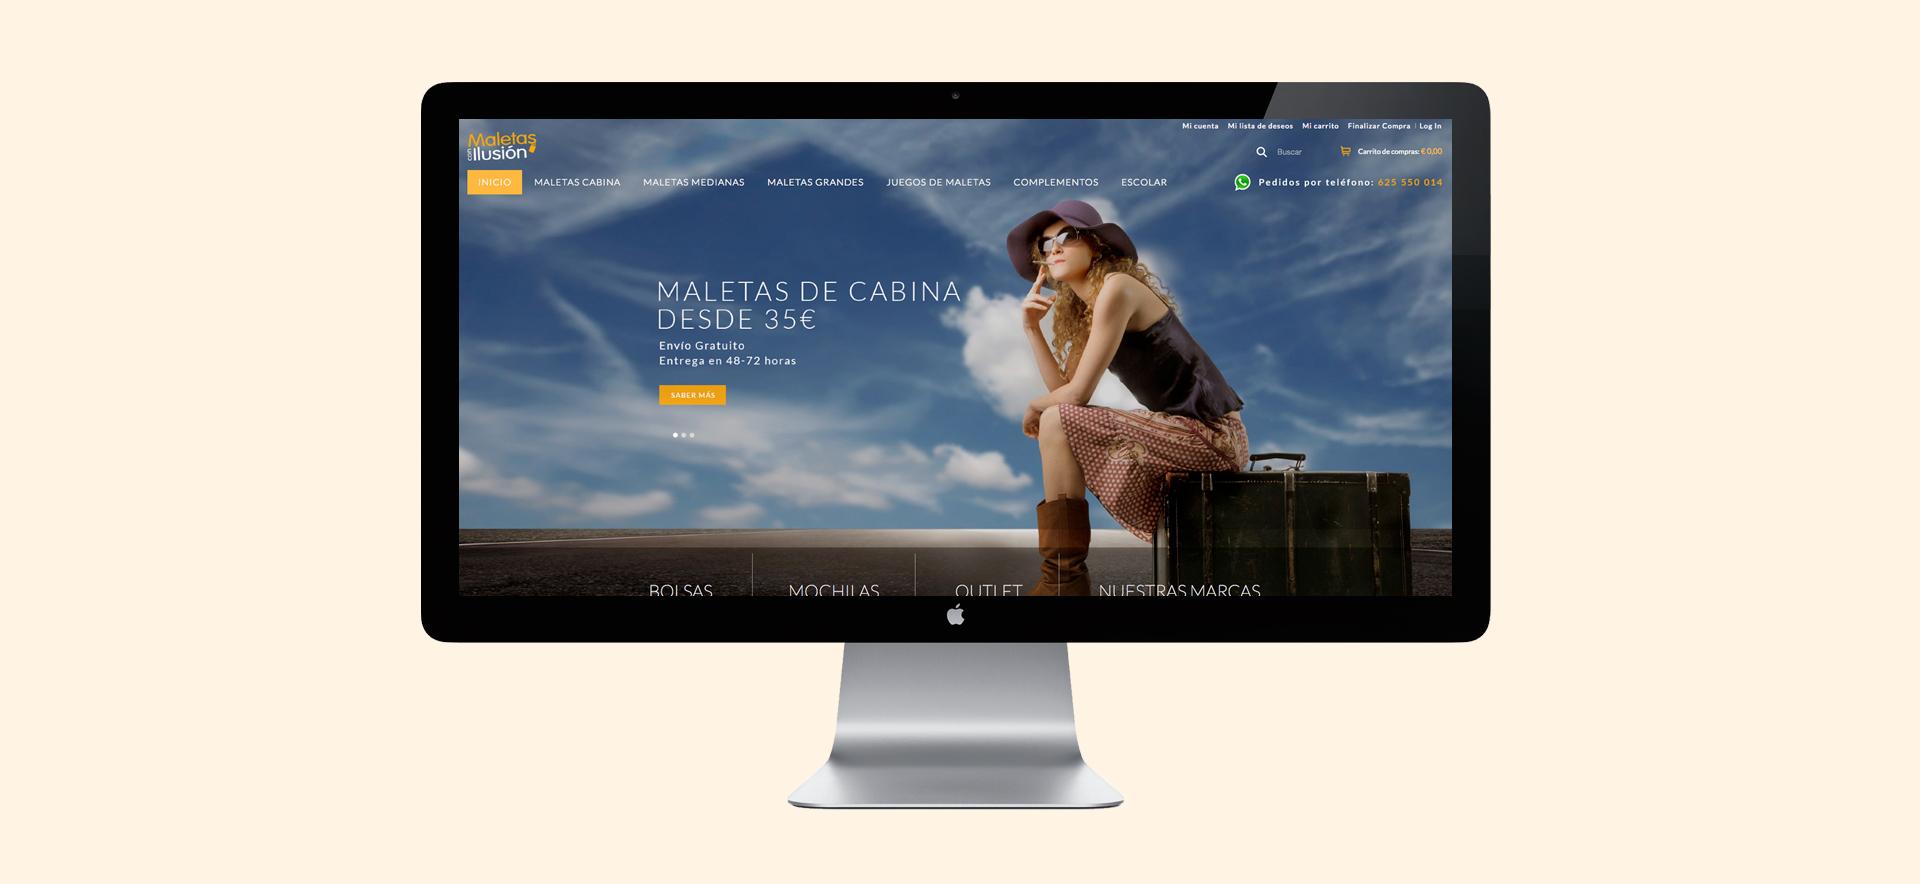 Tienda online Maletas